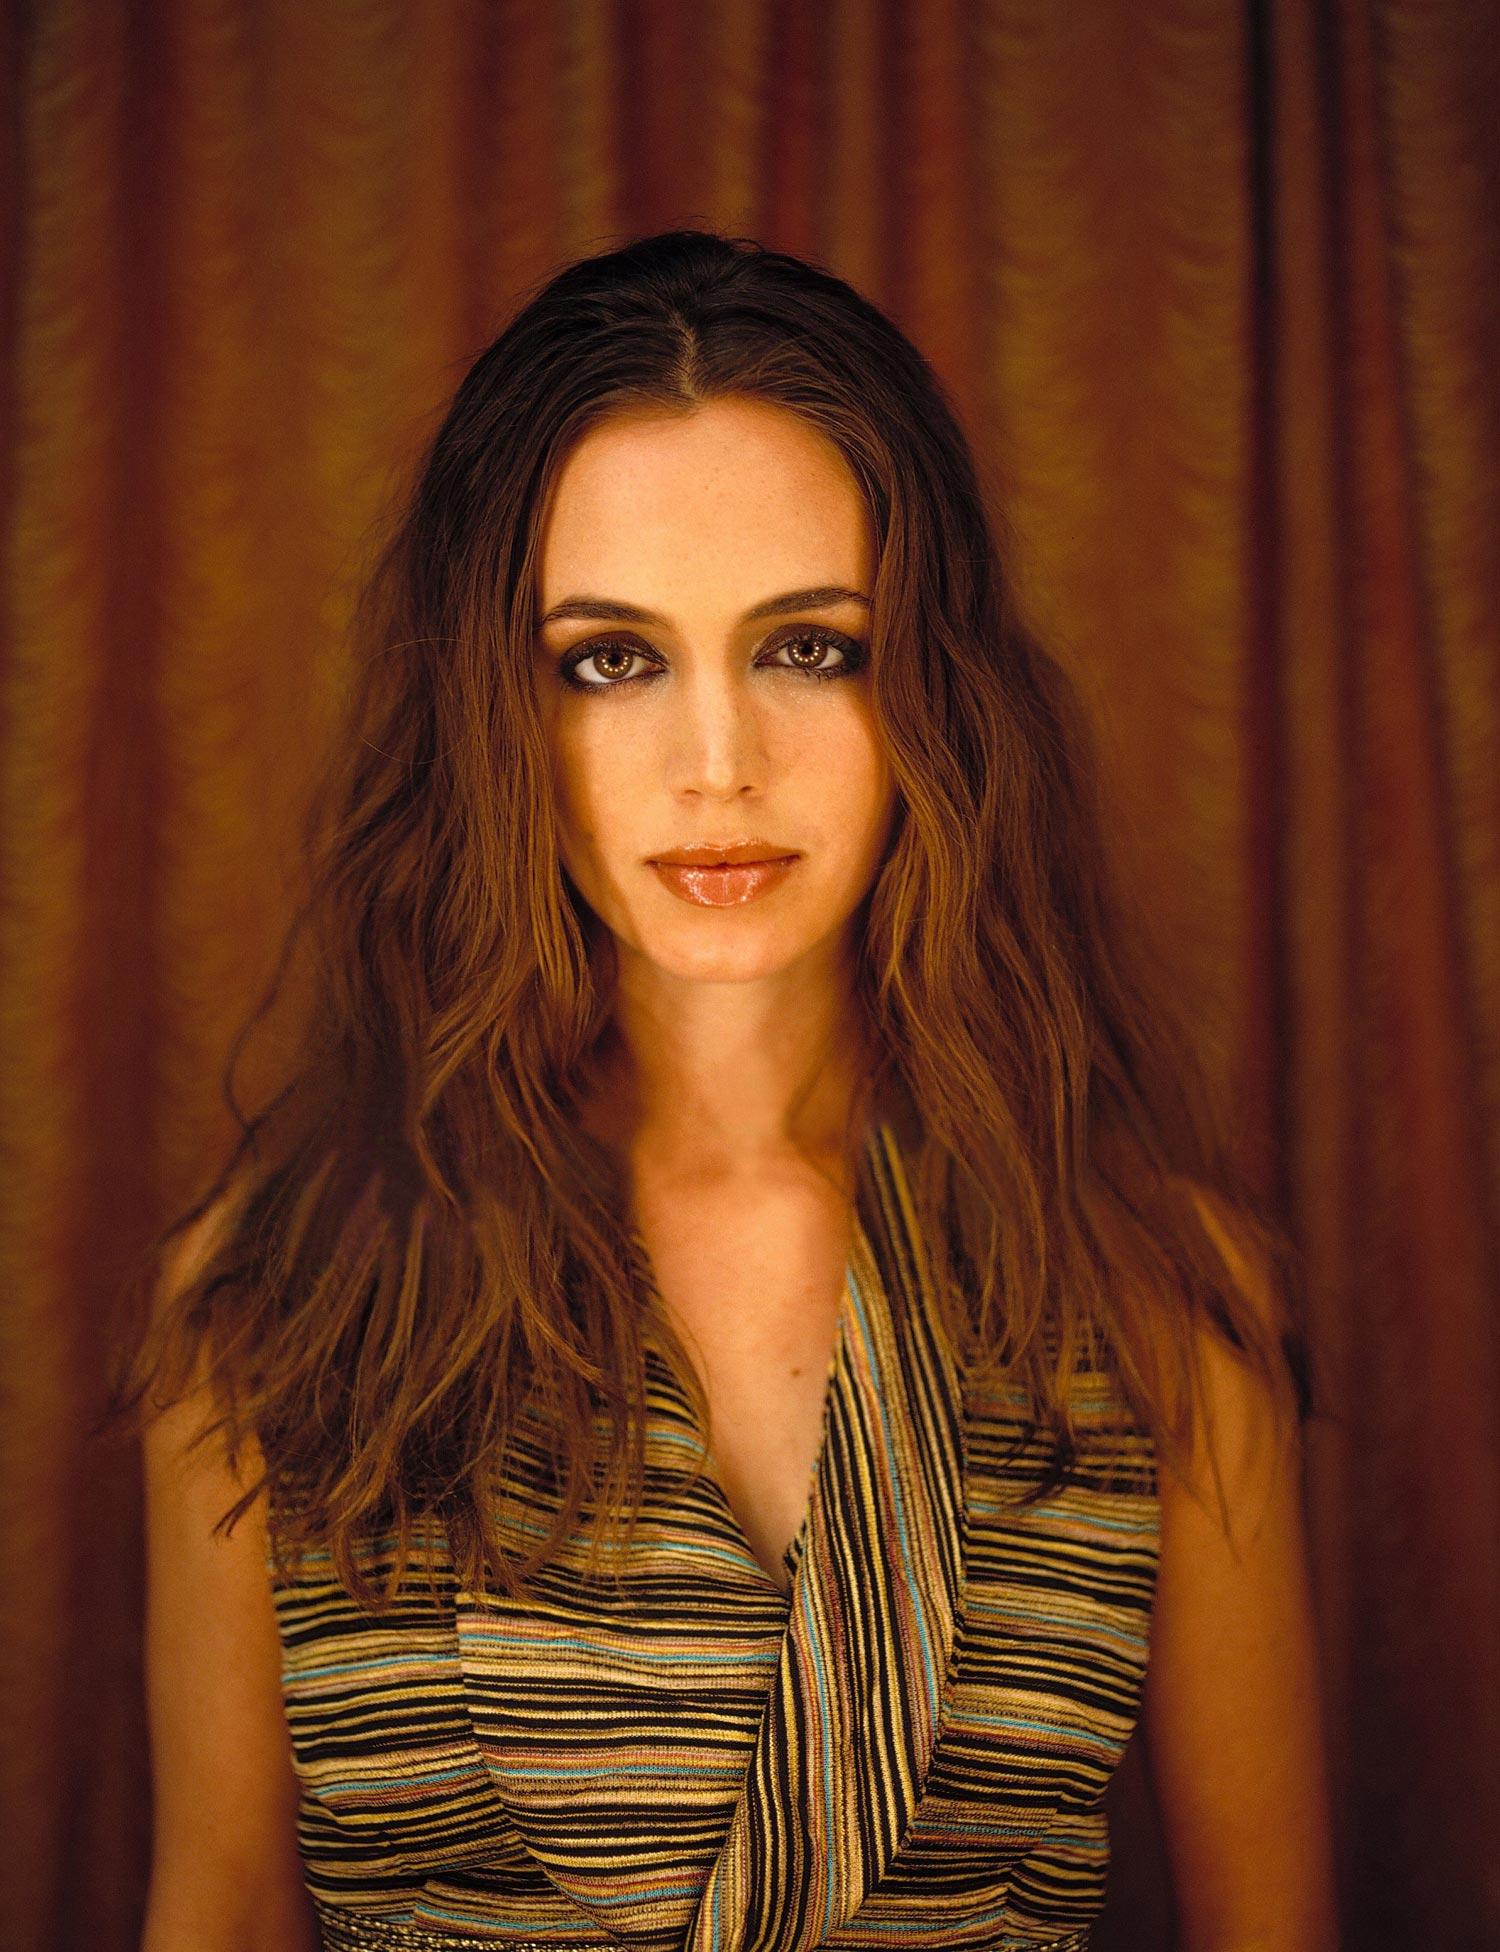 Eliza dushku hq photoshoot for mean magazine july 2001 naked (81 photos), Bikini Celebrites foto